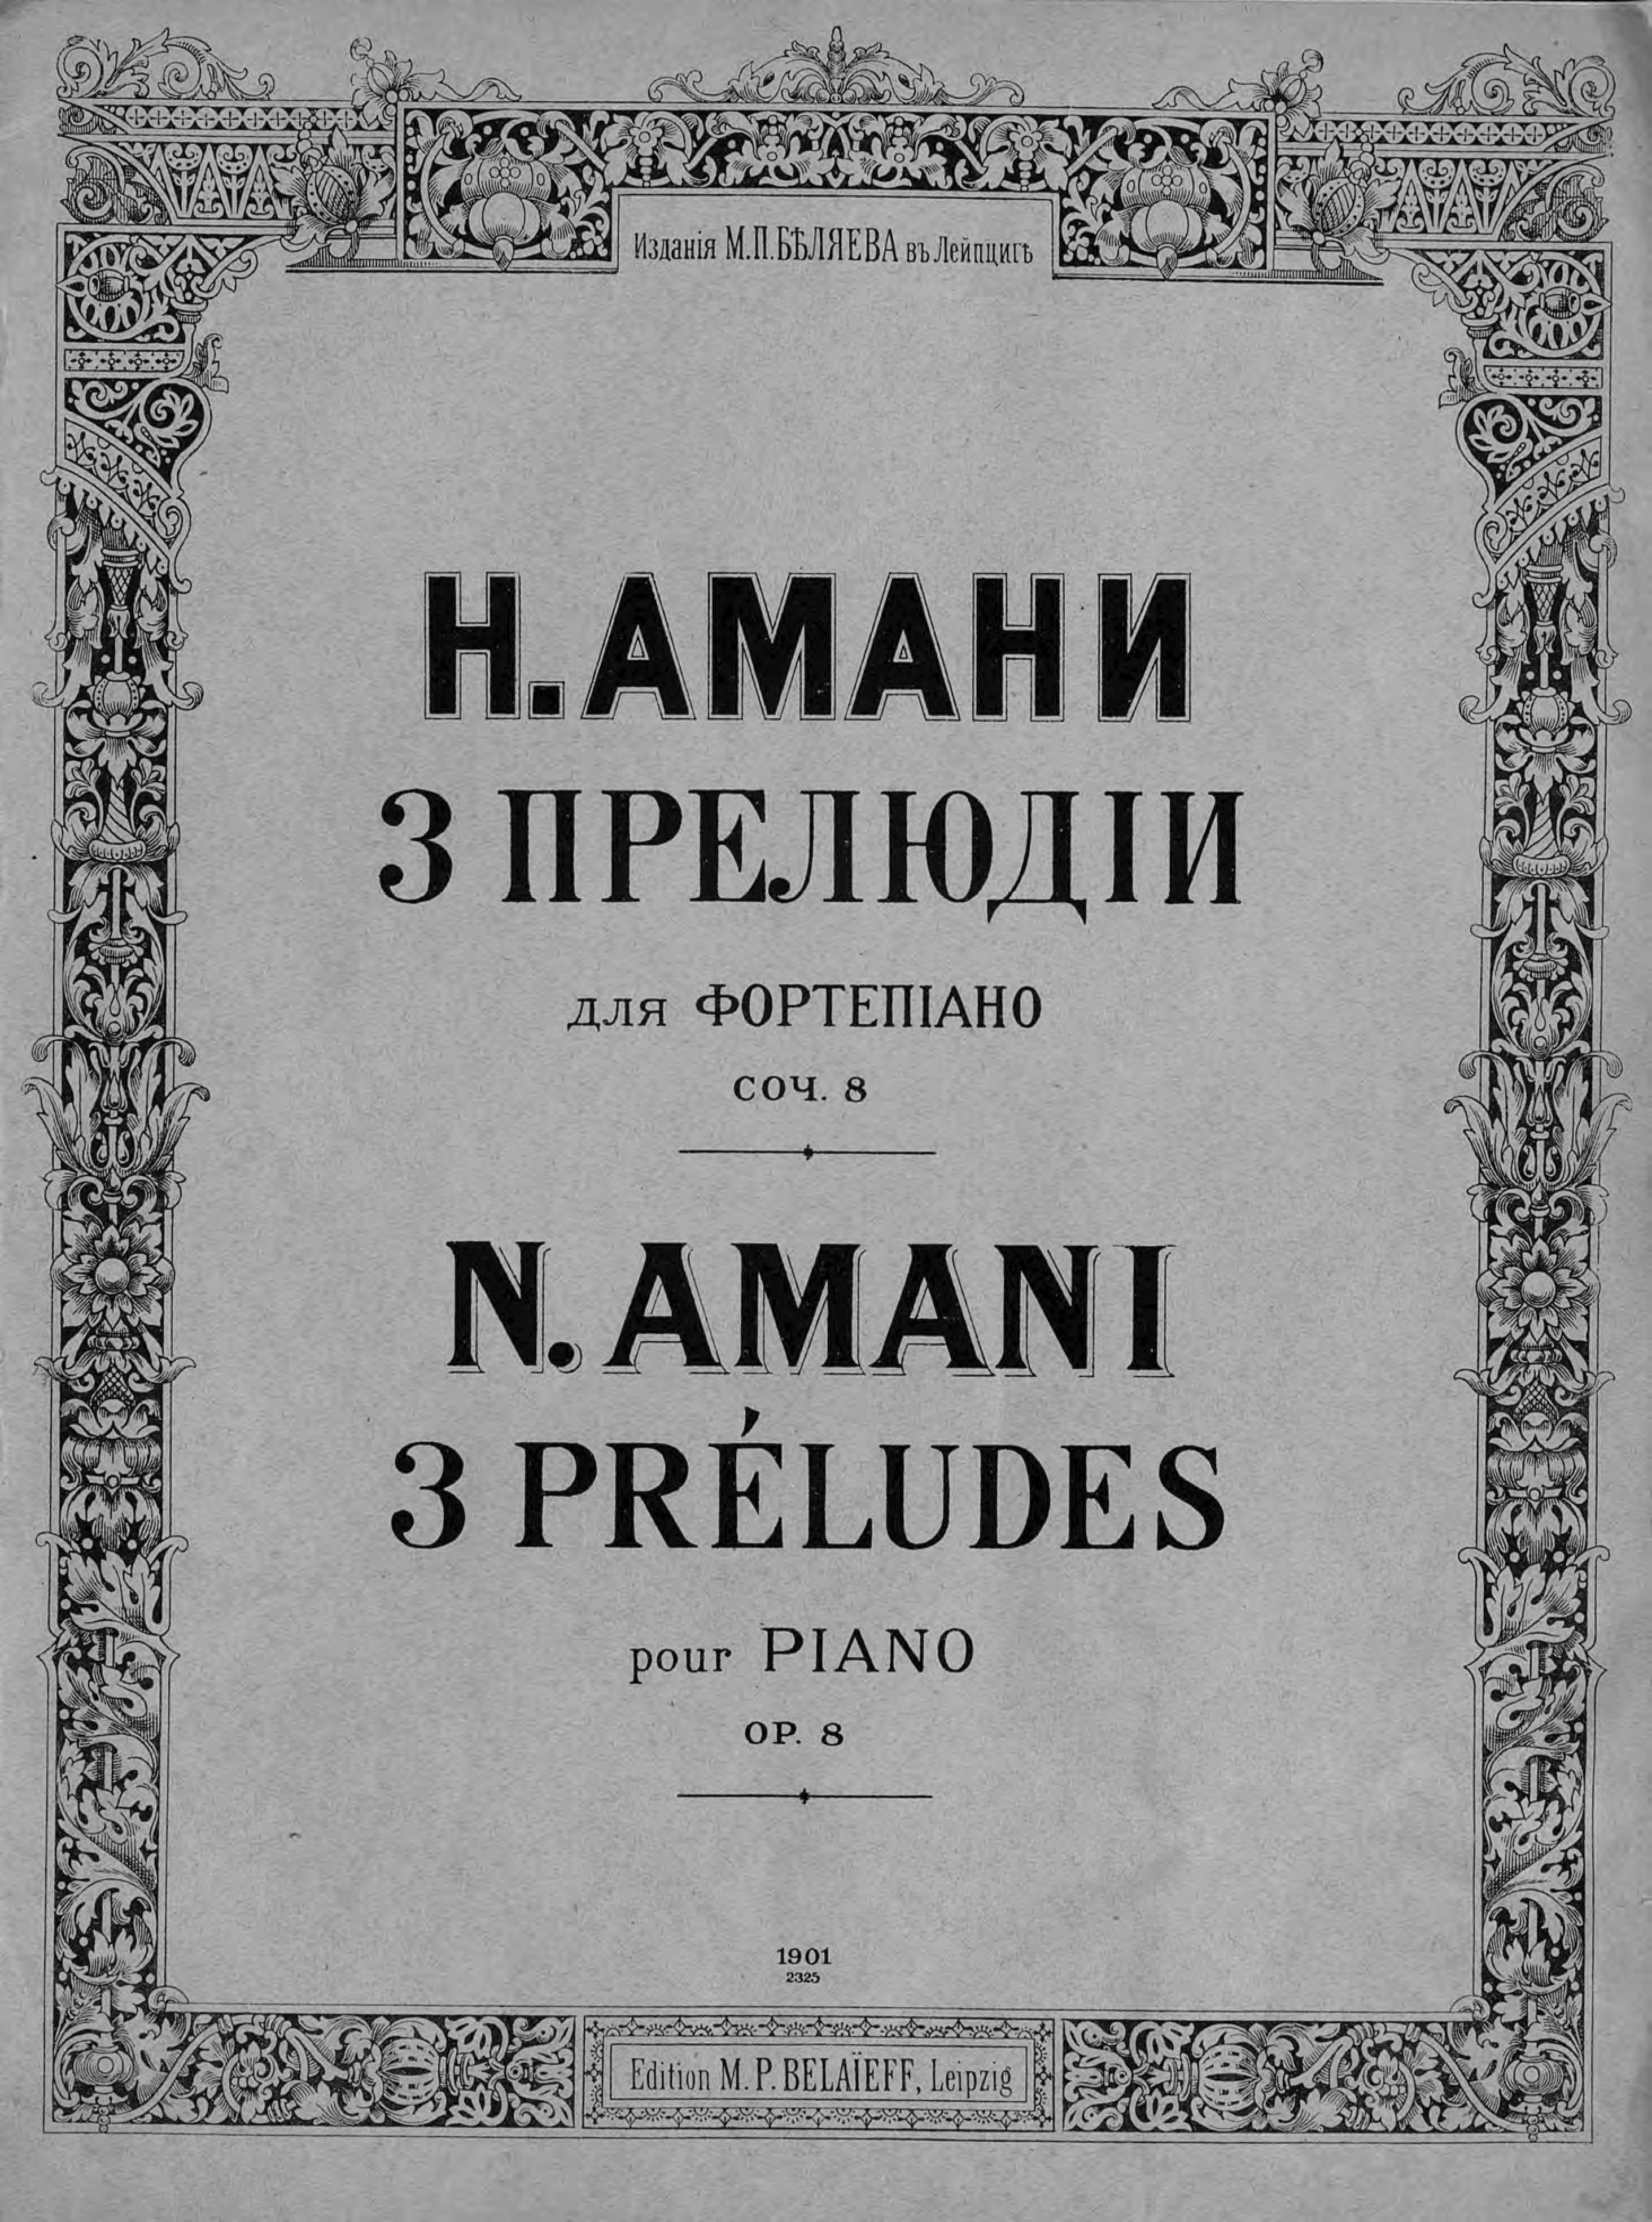 Николай Амани Три прелюдии для фортепиано николай александрович соколов шесть романсов для пения виолончели и фортепиано